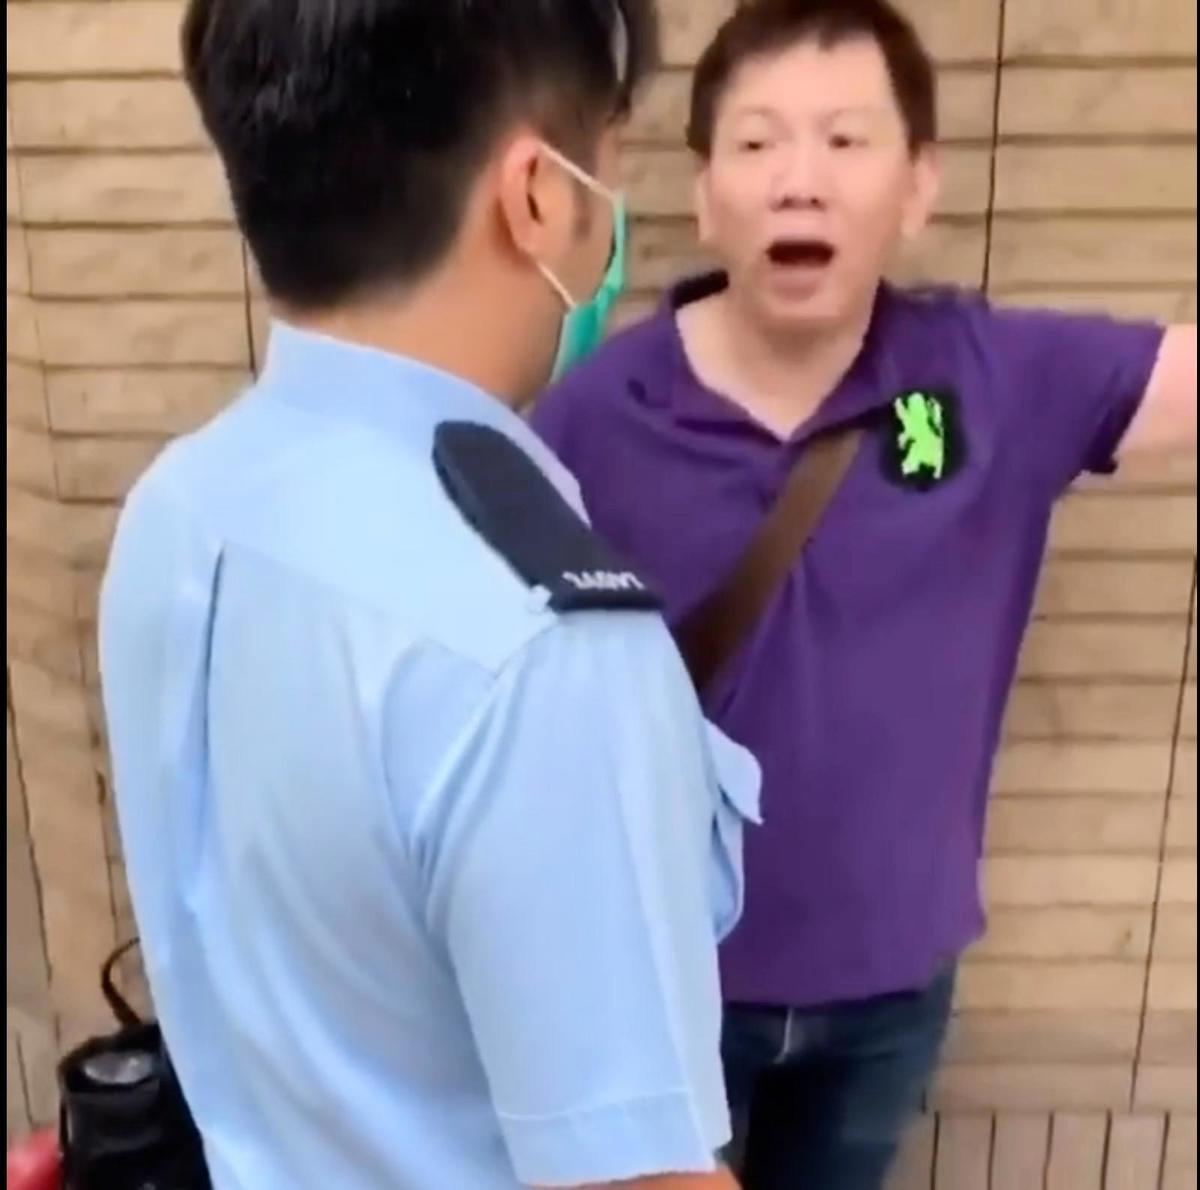 案中首被告尹載道在警員到場後,竟以不客氣的態度命令警員拘捕劉家衡男秘書。(南昌北 劉家衡 Facebook 影片截圖)